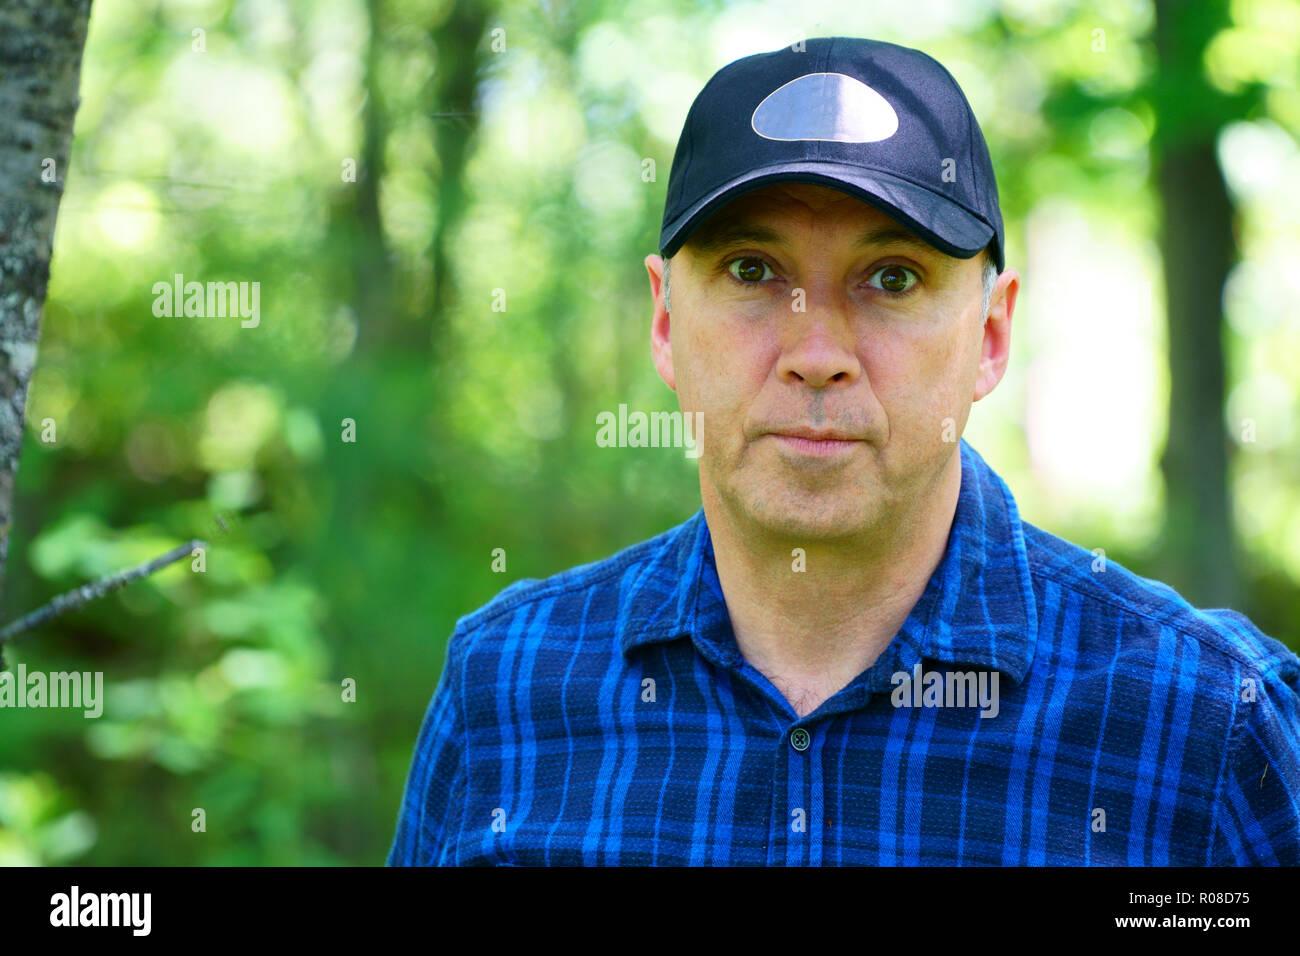 Un hombre serio del Cáucaso está mirando a la cámara para realizar un retrato mientras senderismo en el bosque llevaba una camisa a cuadros azules y un sombrero negro. Imagen De Stock